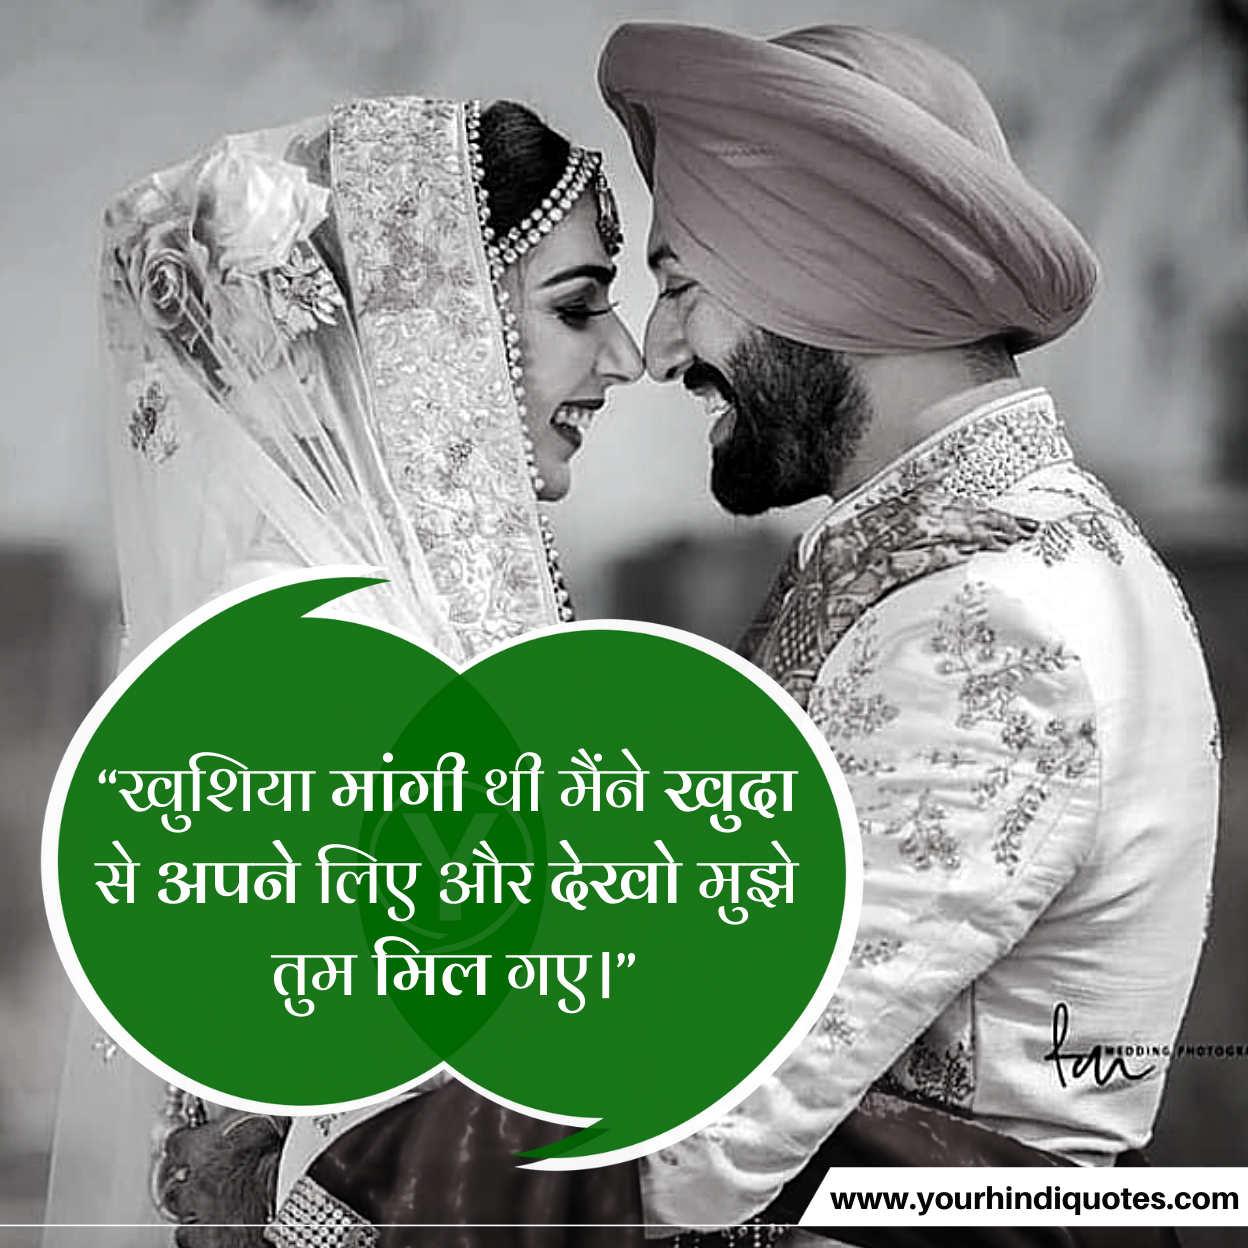 Love Hindi WhatsApp Status Image